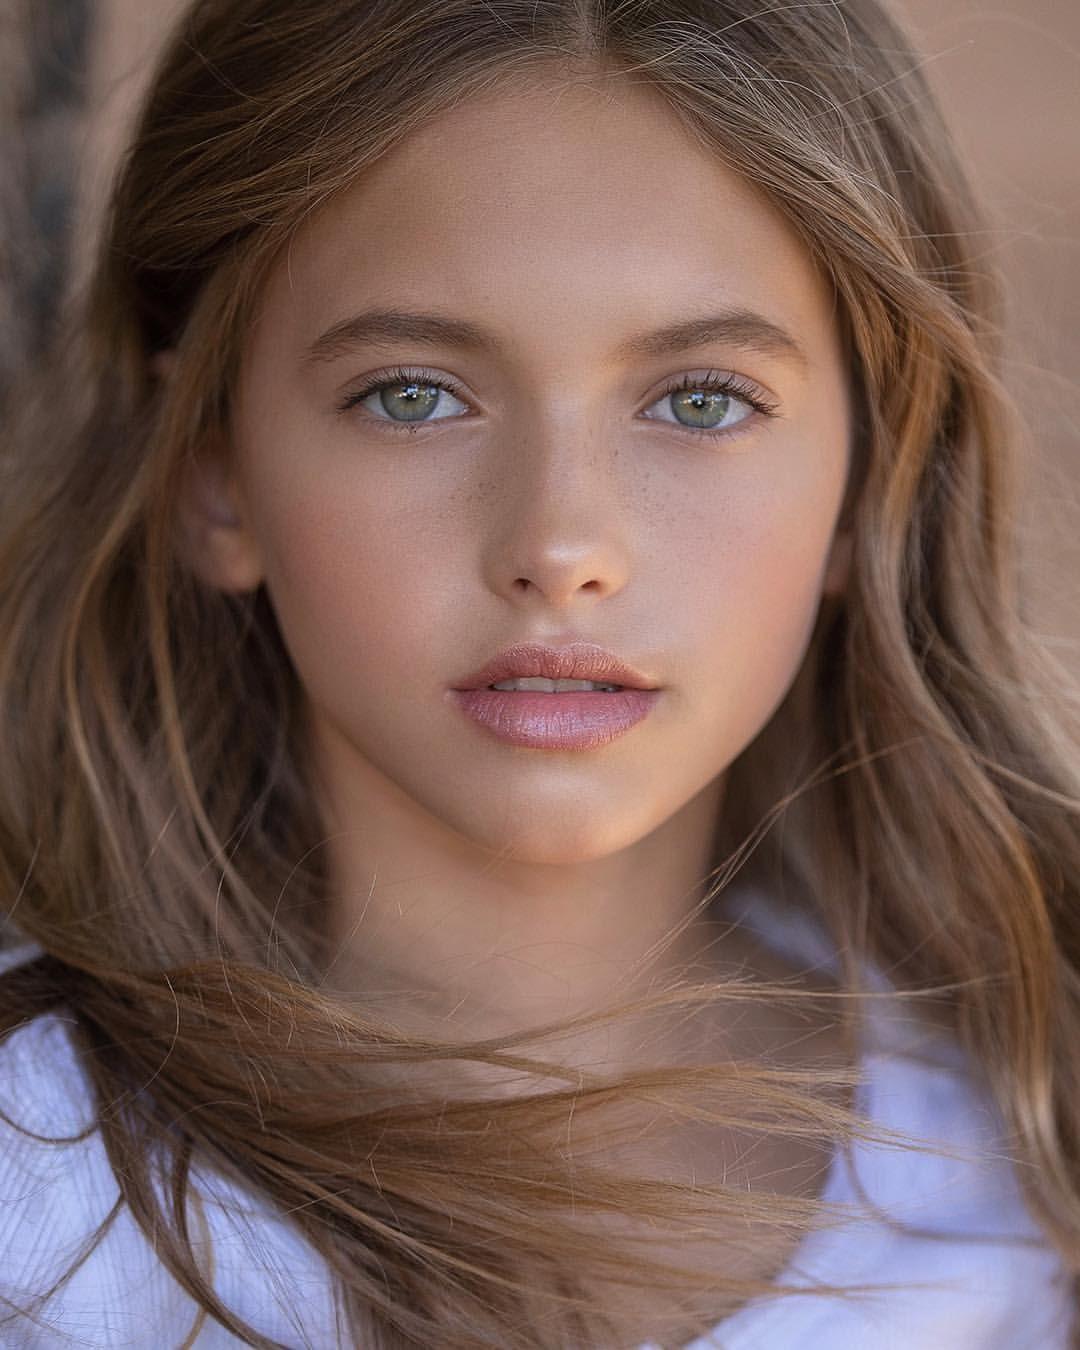 Young brunette teen model